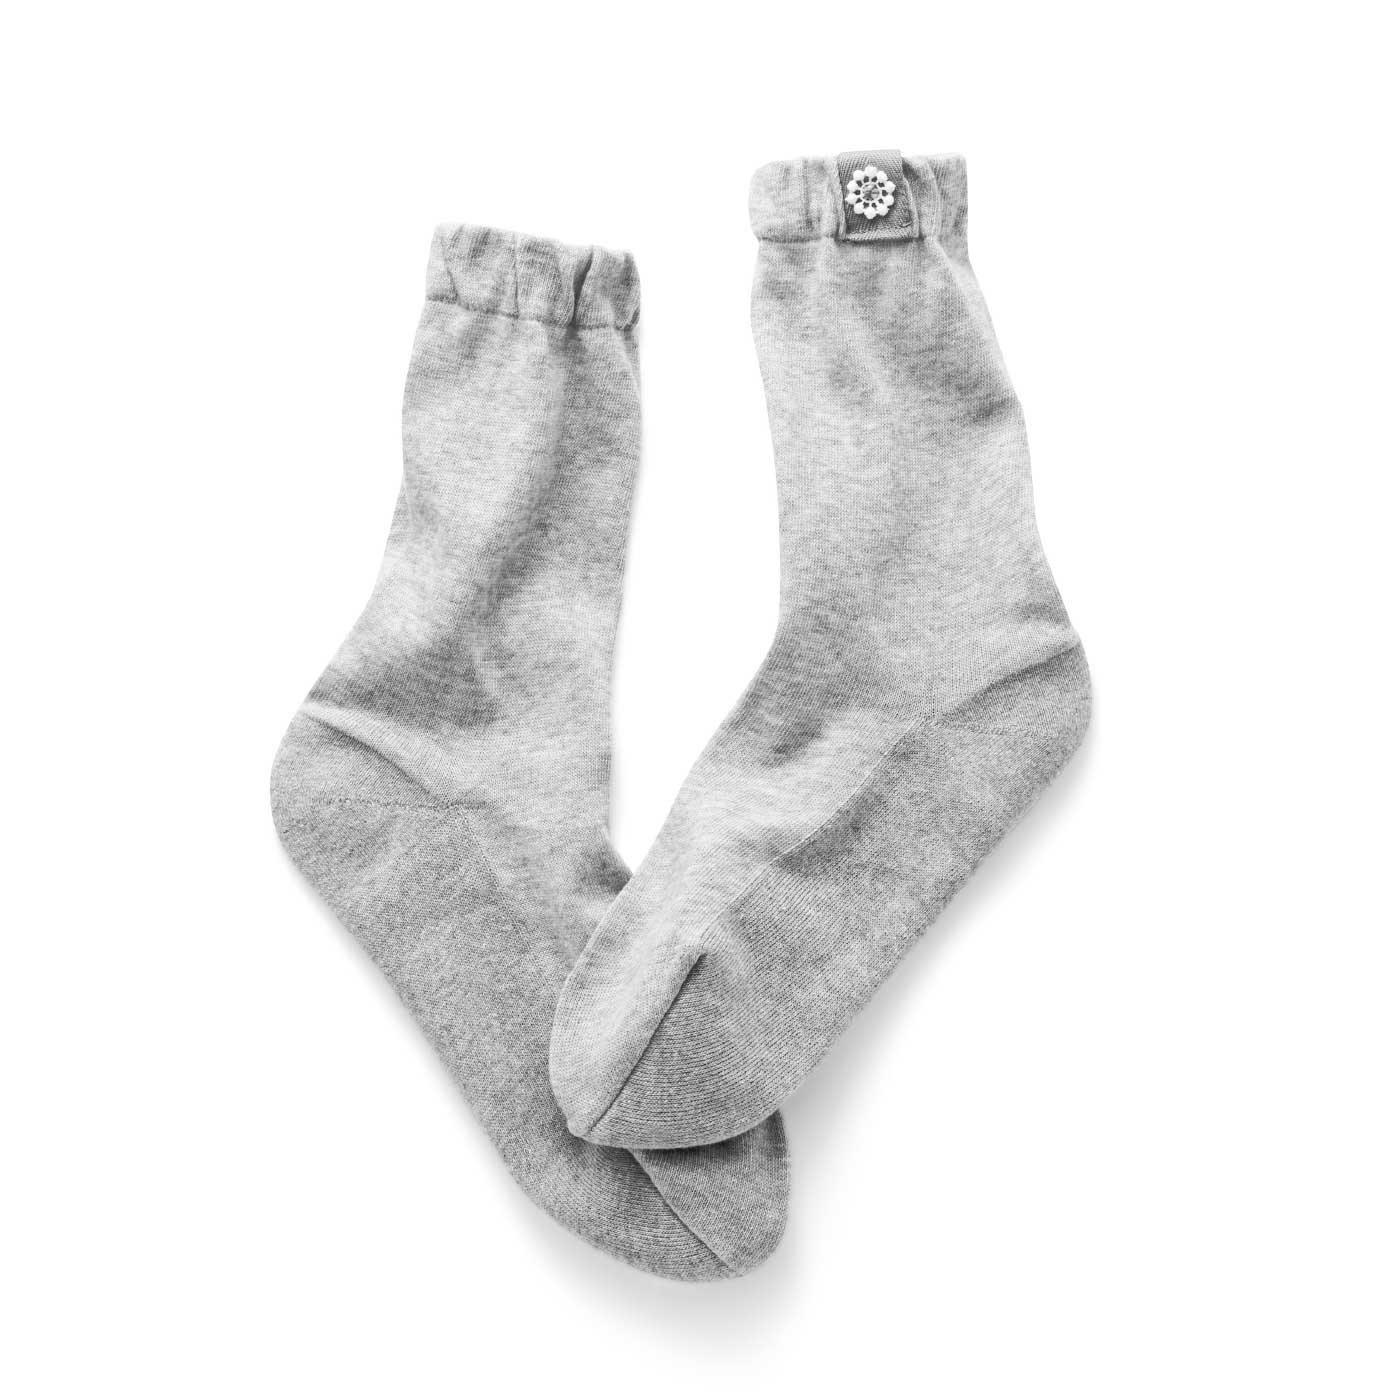 チャレンジド・クリエイティブ・プロジェクト ふかふかインソールのようならくちんクッション靴下の会